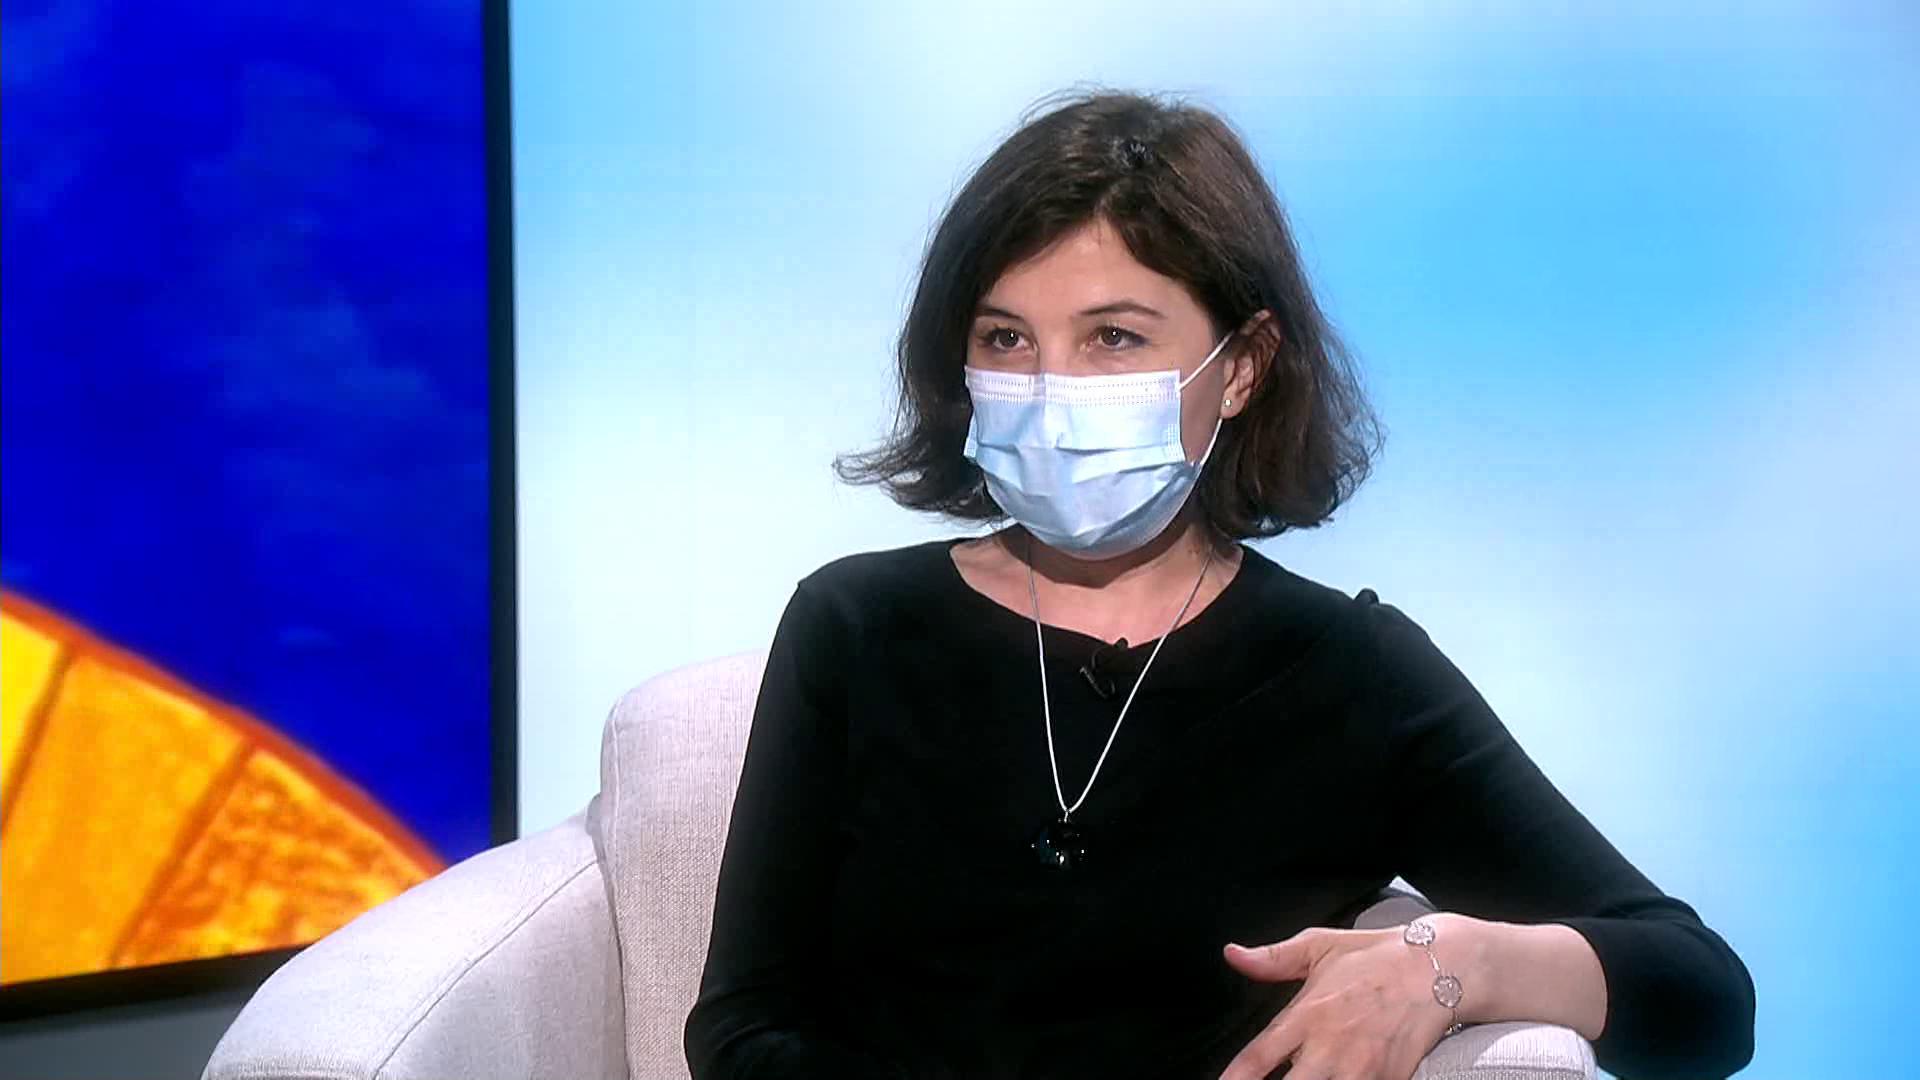 Simptomele intoleranței alimentare la copii. Dr. Alina Stănescu Popp explică tot ce trebuie să știe părinții